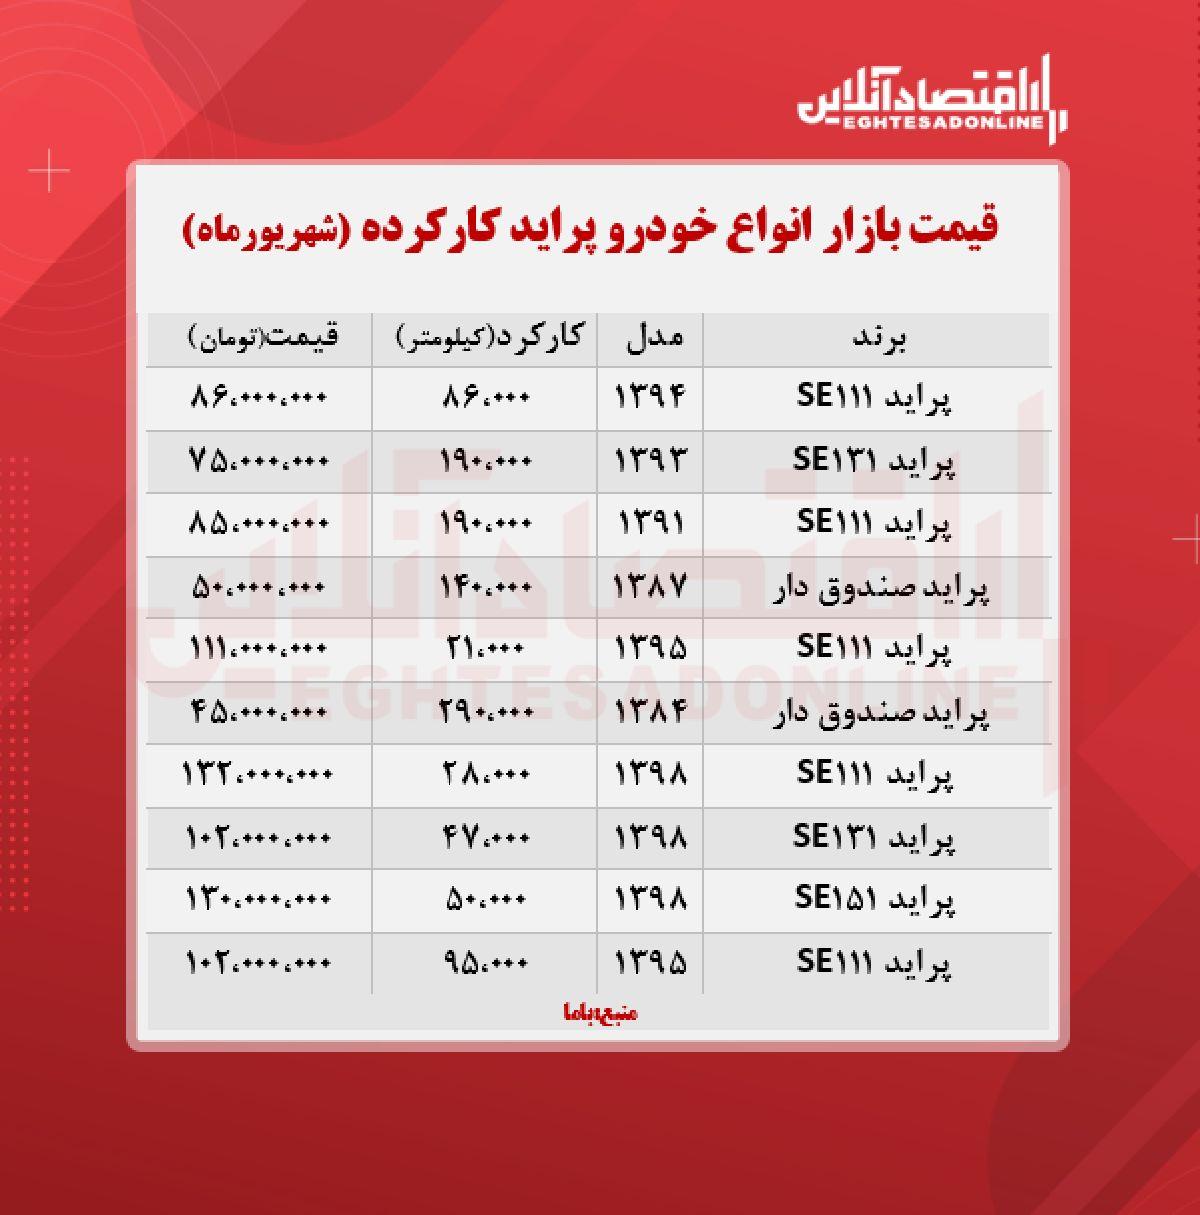 قیمت پراید کارکرده امروز ۱۴۰۰/۶/۳